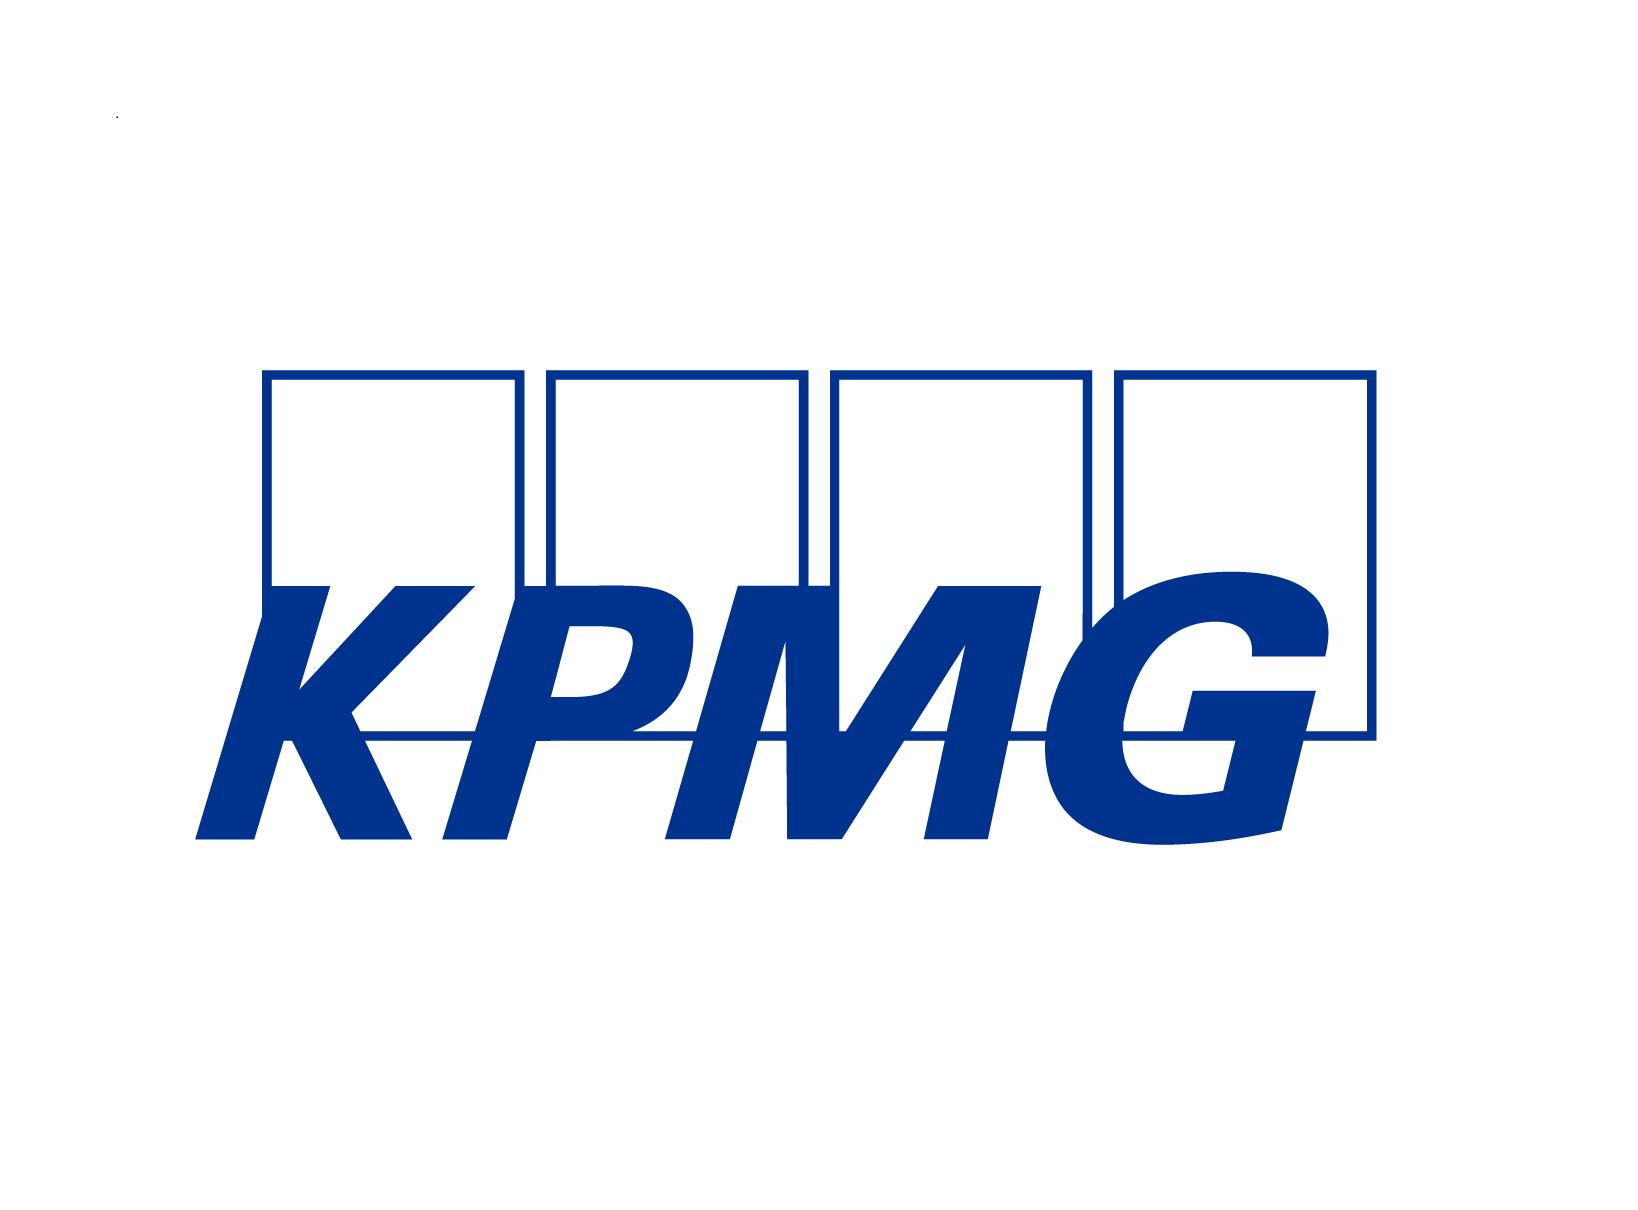 KPMG - Headline Sponsor